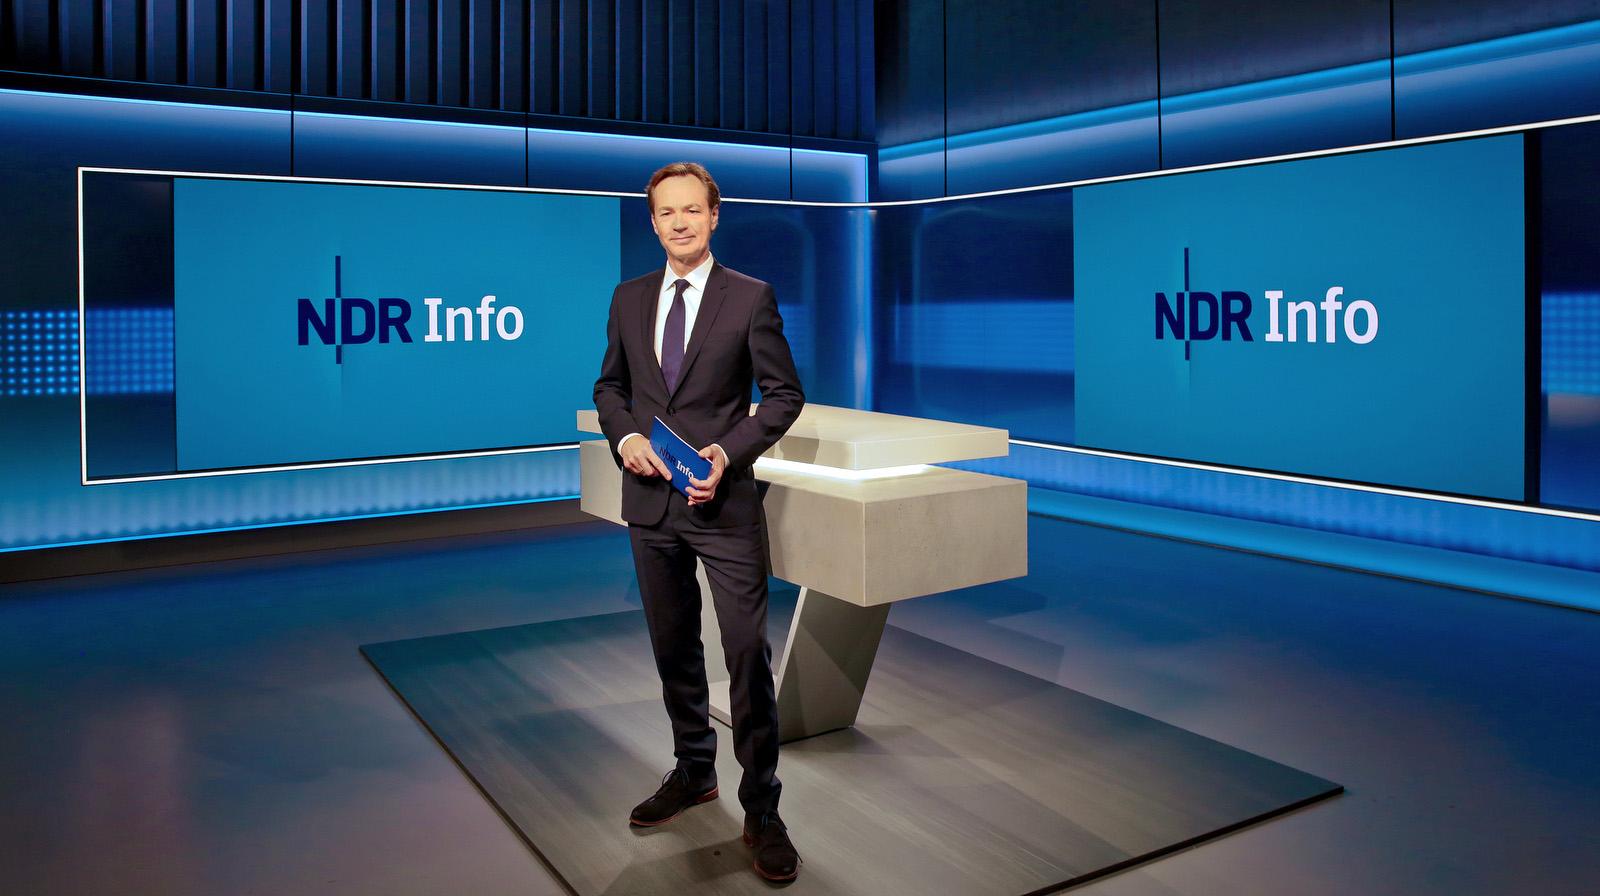 3_NDR_Info_Thomas_Kausch